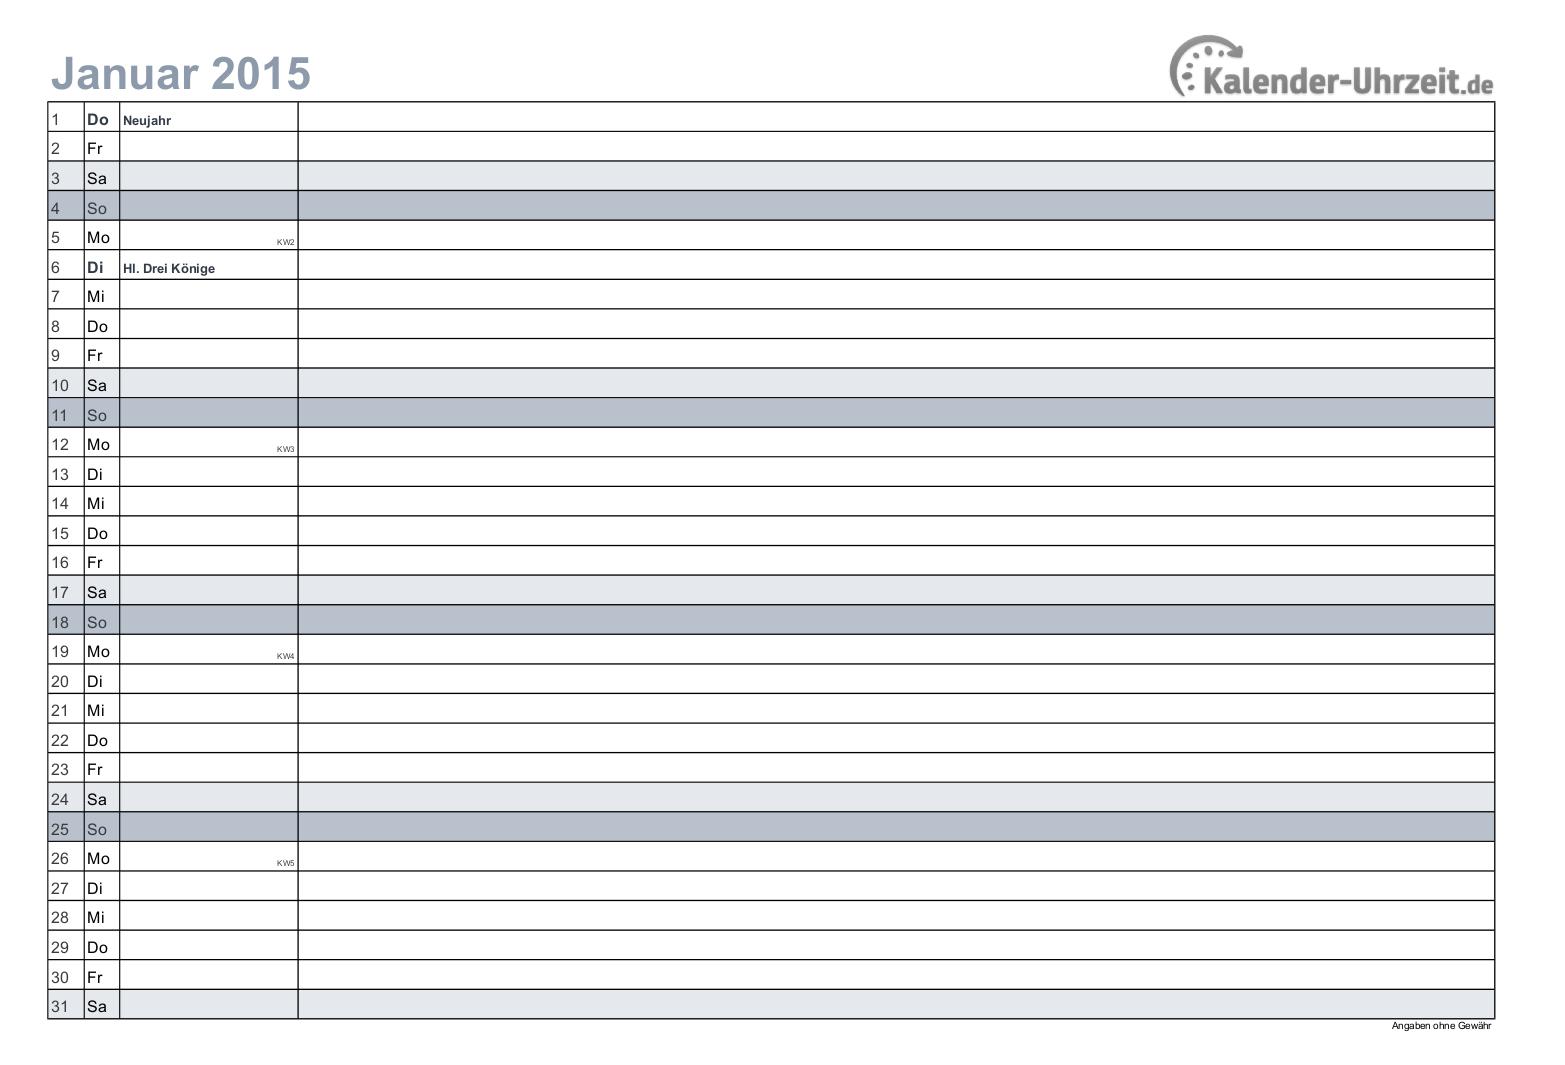 Kalender 2015 In Schwarz Weiss Druckerfreundlich A4 Querformat 12 Seitiger Monatskalender Kaluhr Kalender Feiertage Kalender 2015 Kalender